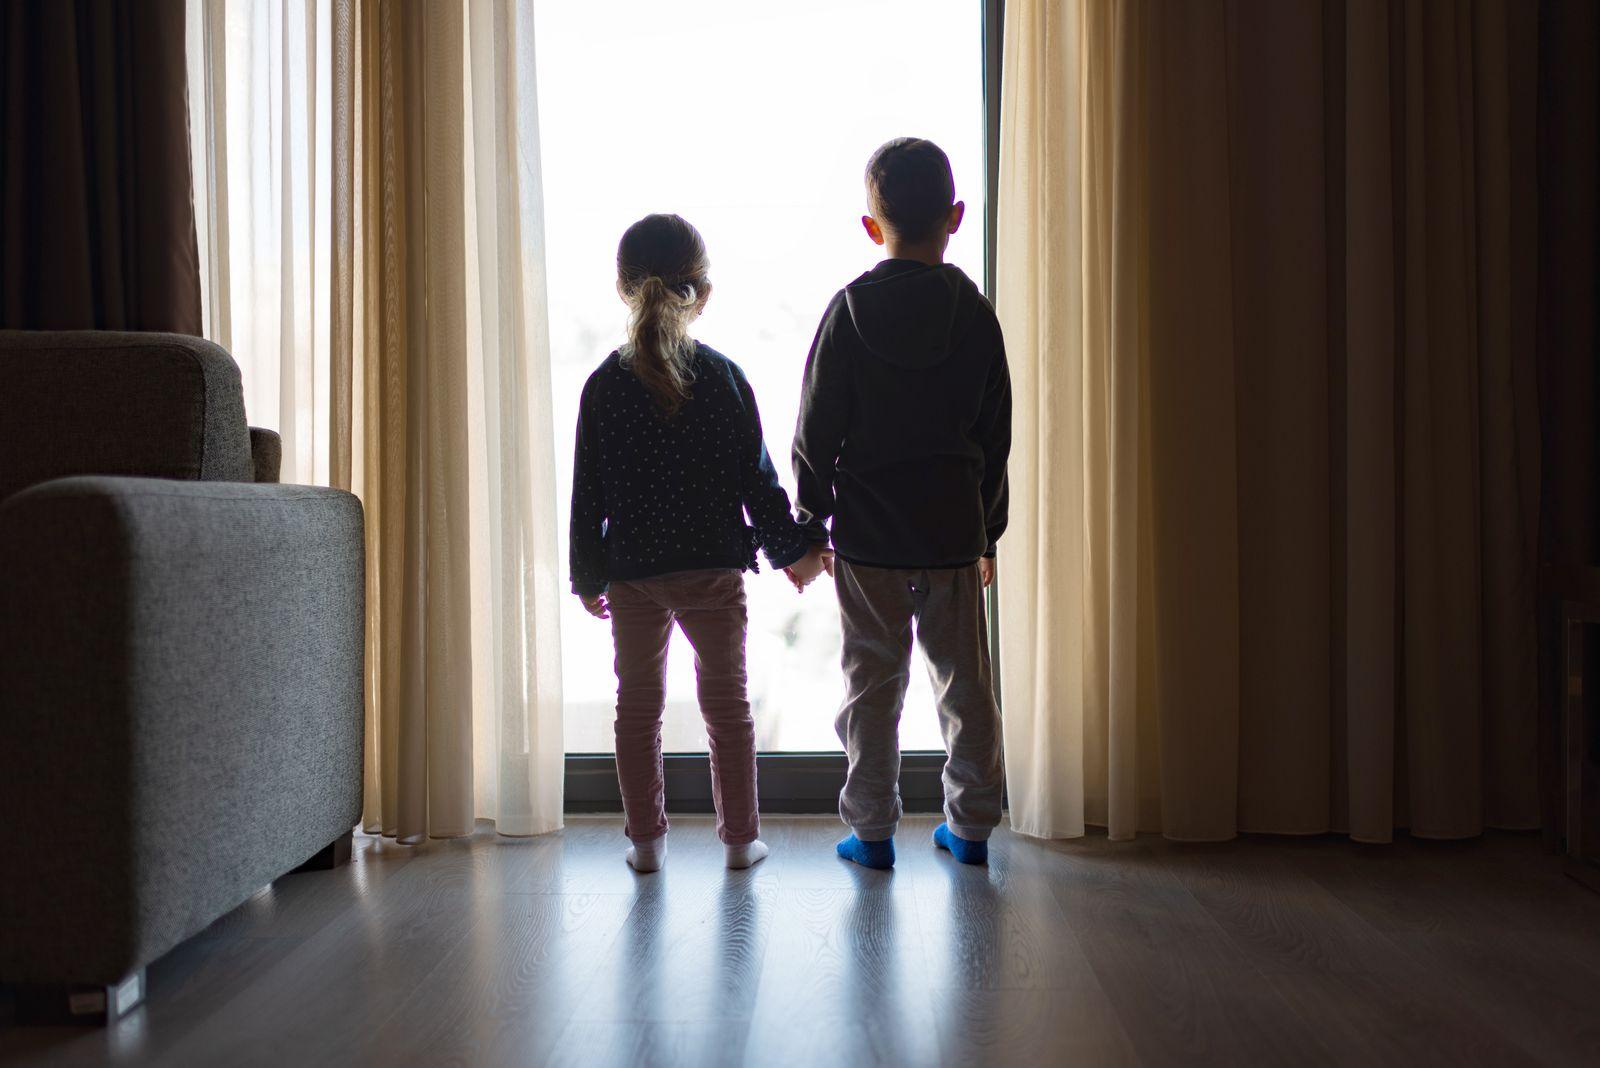 Arbeitsrecht für Eltern/ Kitaschließung